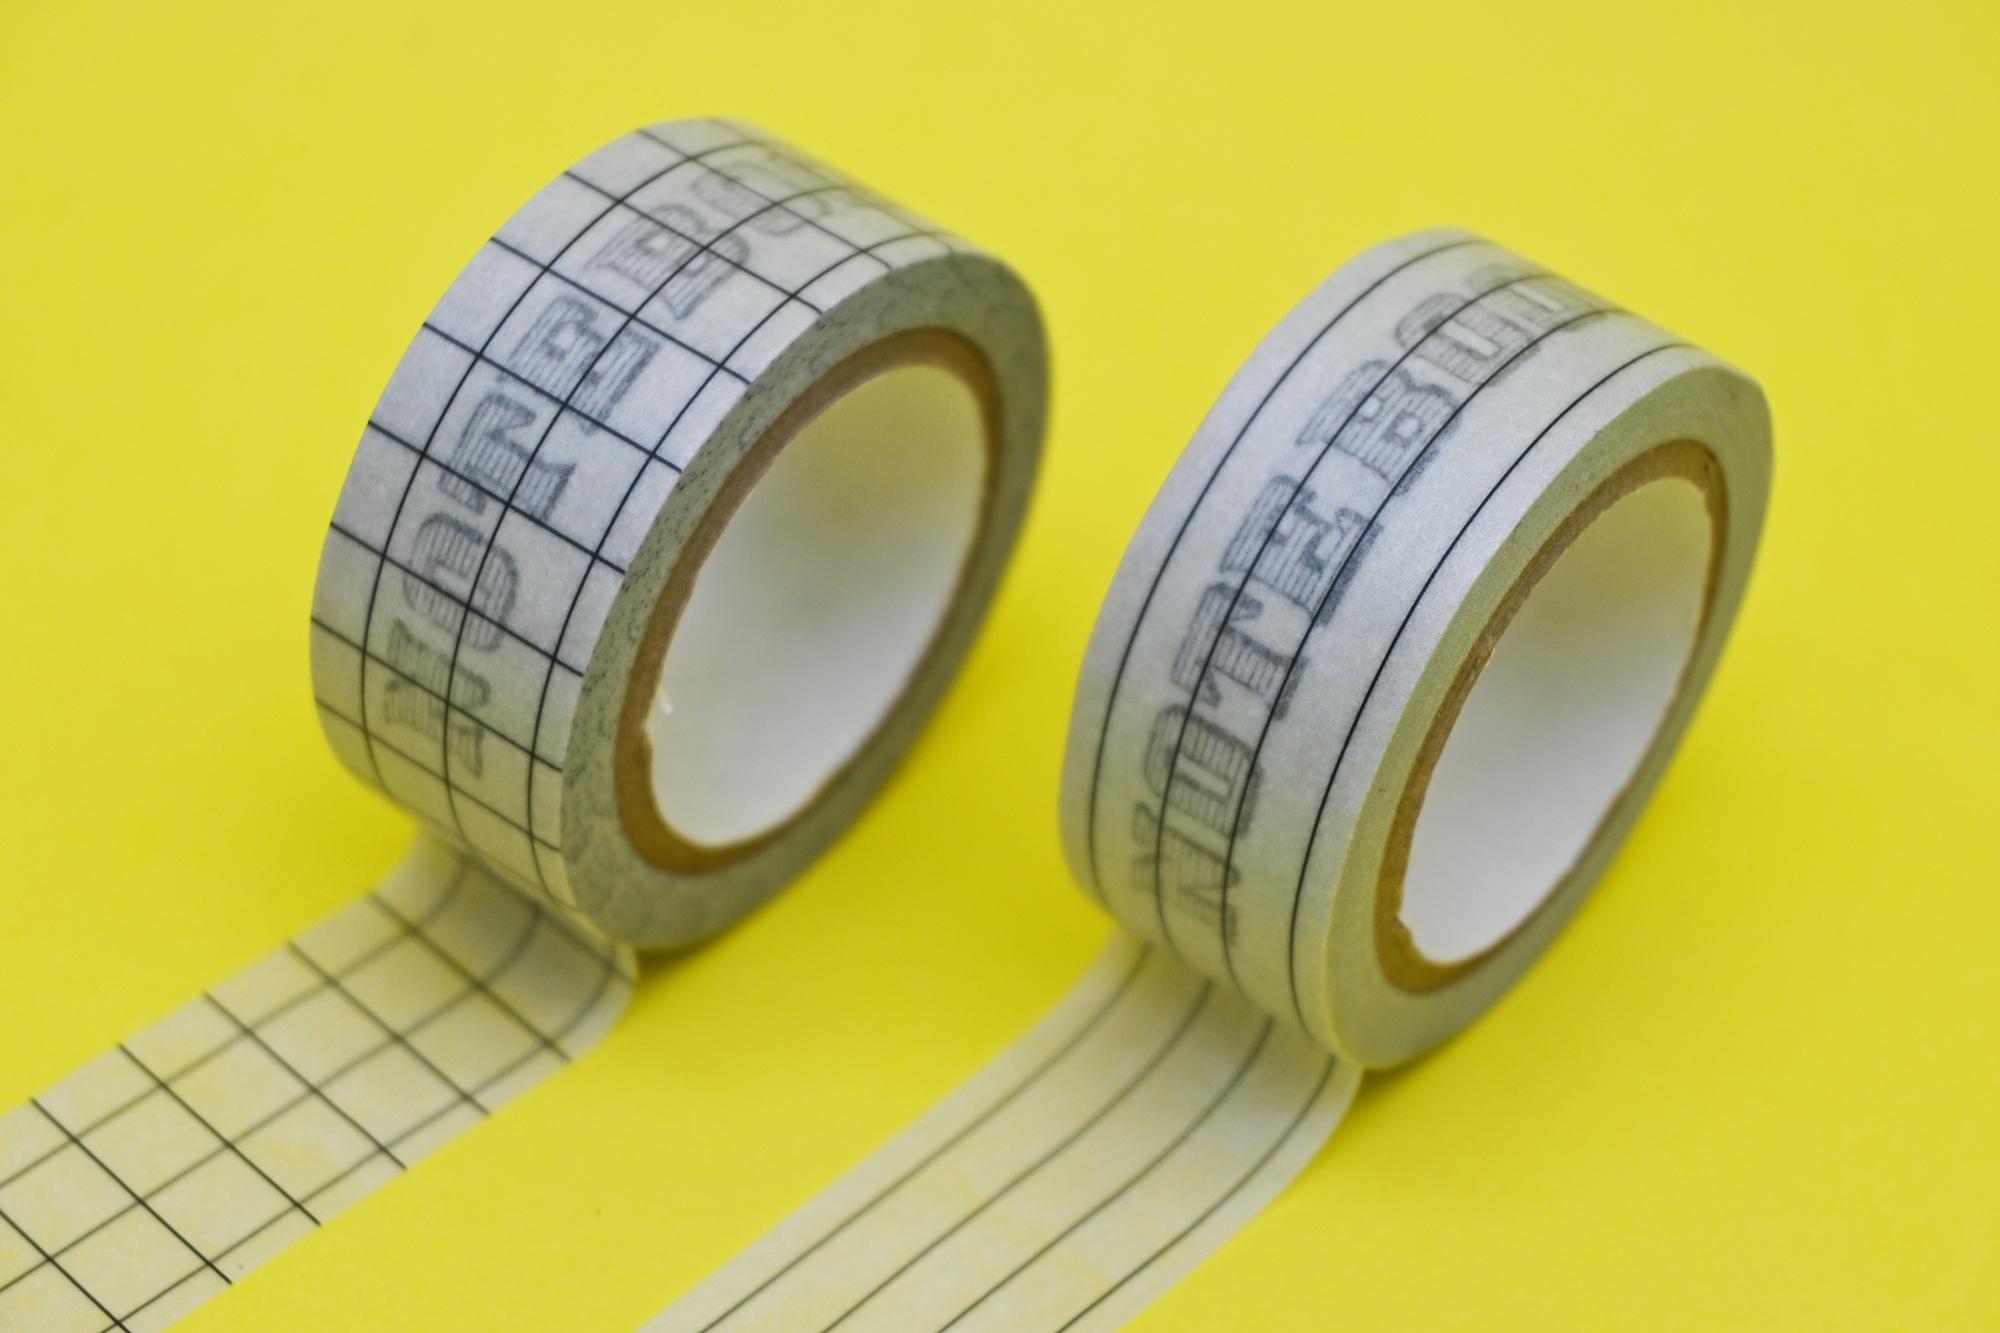 マスキングテープ(価格:税抜400円・素材:紙・バリエーション:横罫、方眼)